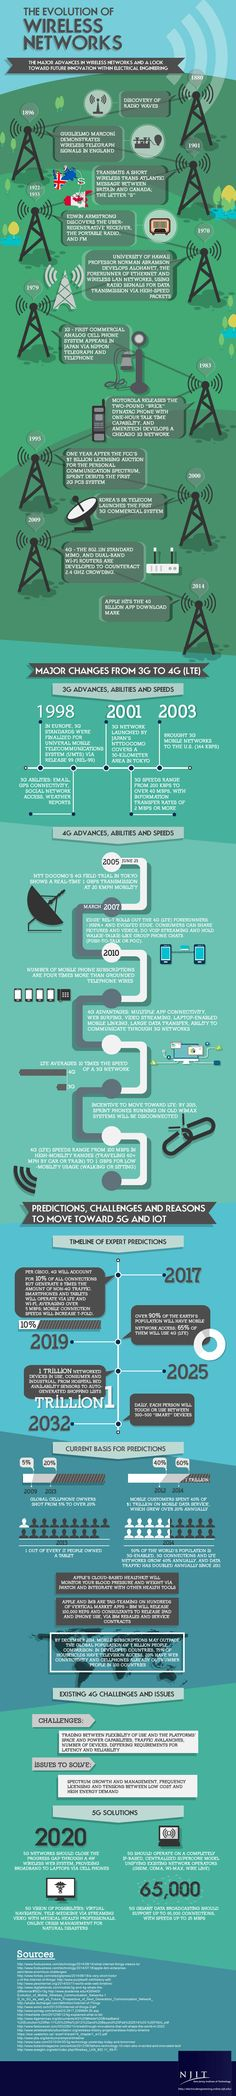 Una infografía sobre La evolución de las redes wireless. Un saludo New Jersey Institute of Technology's Online Master of Science in Electrical Engineering